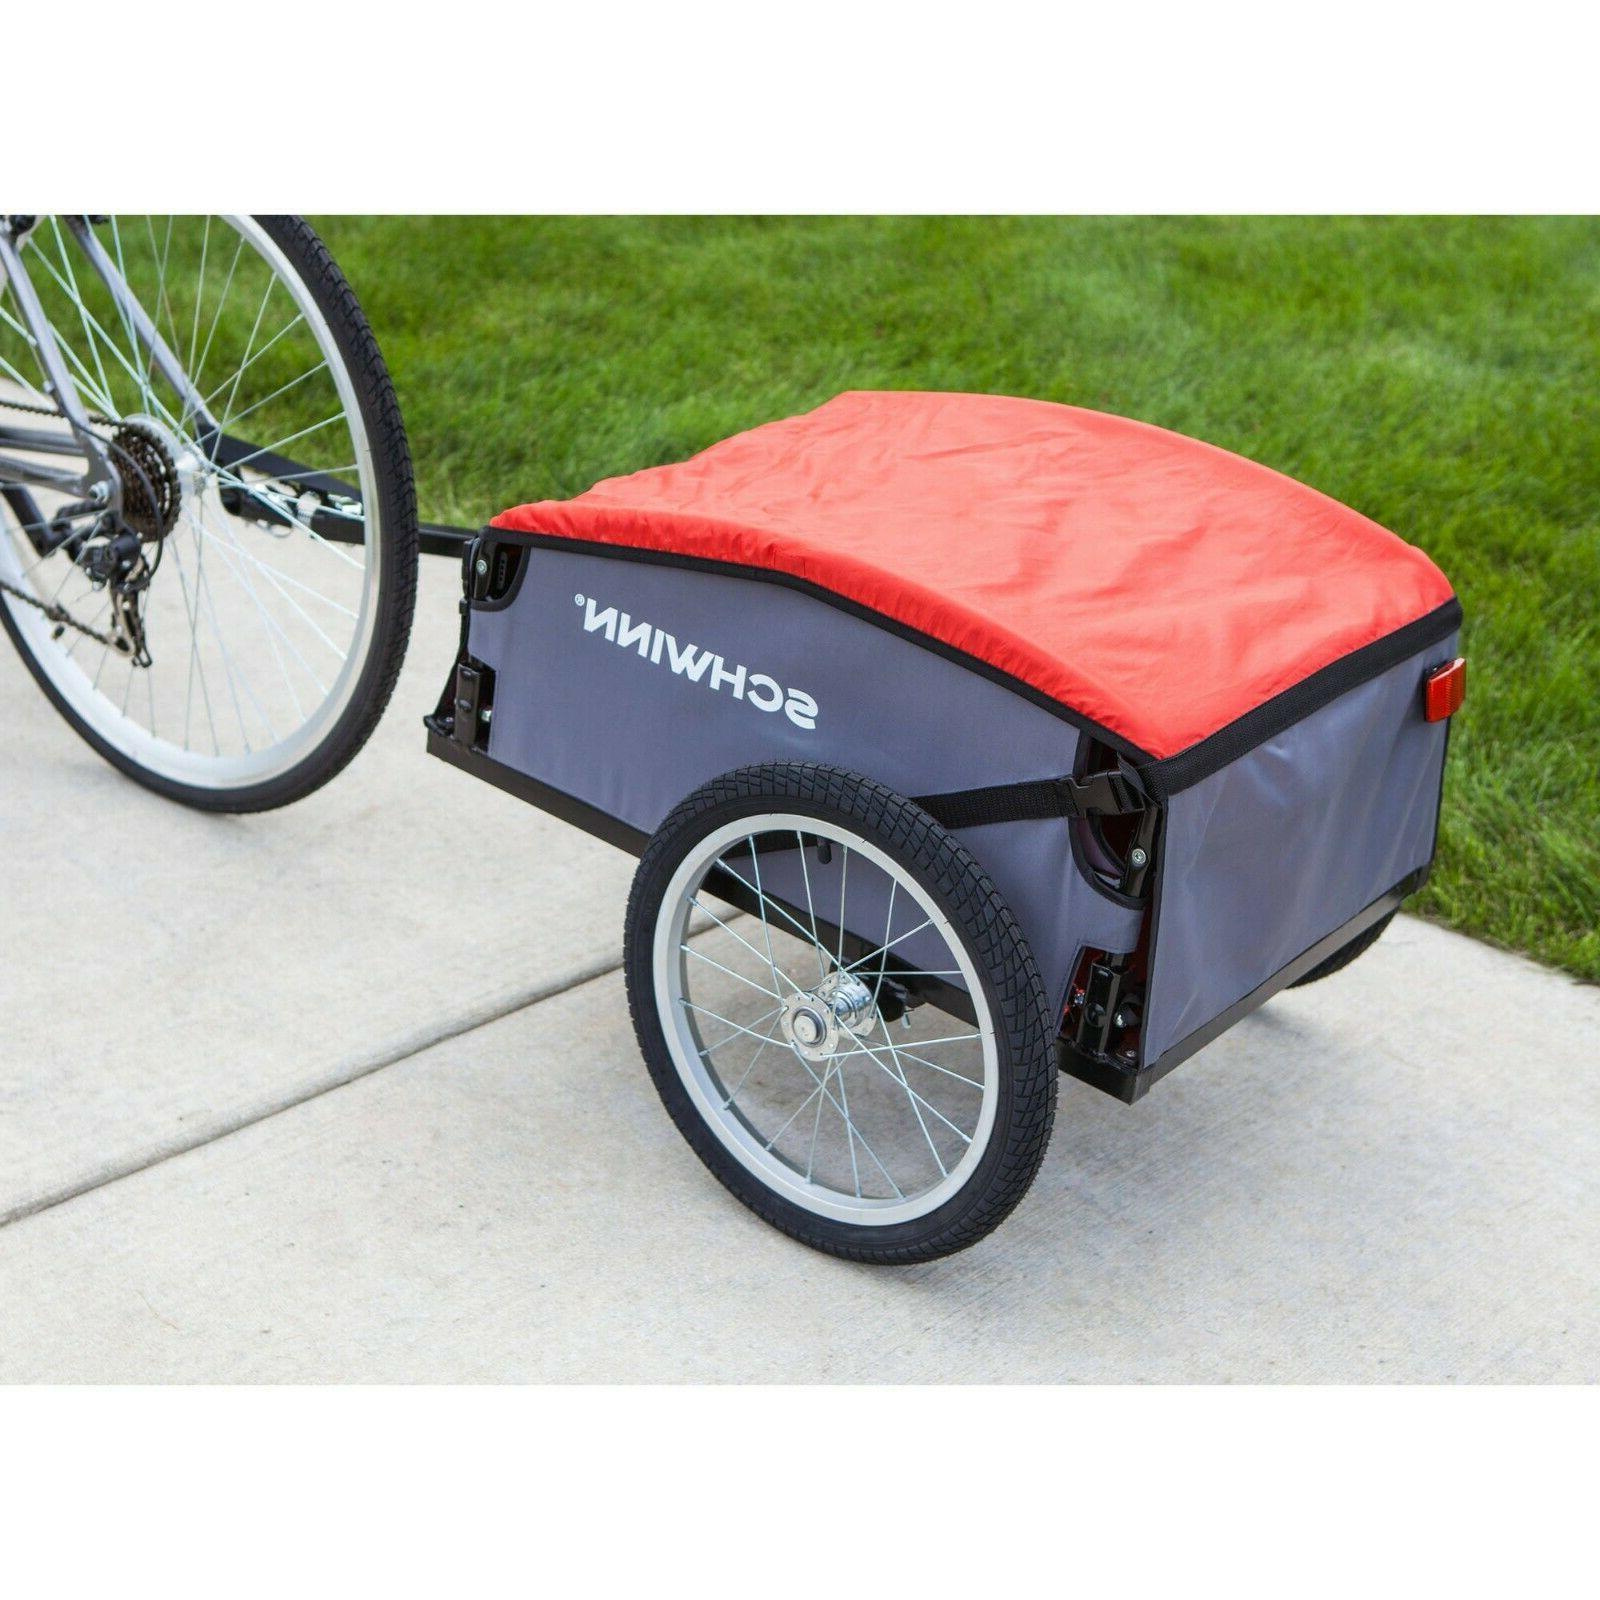 daytripper cargo trailer gray red bike storage